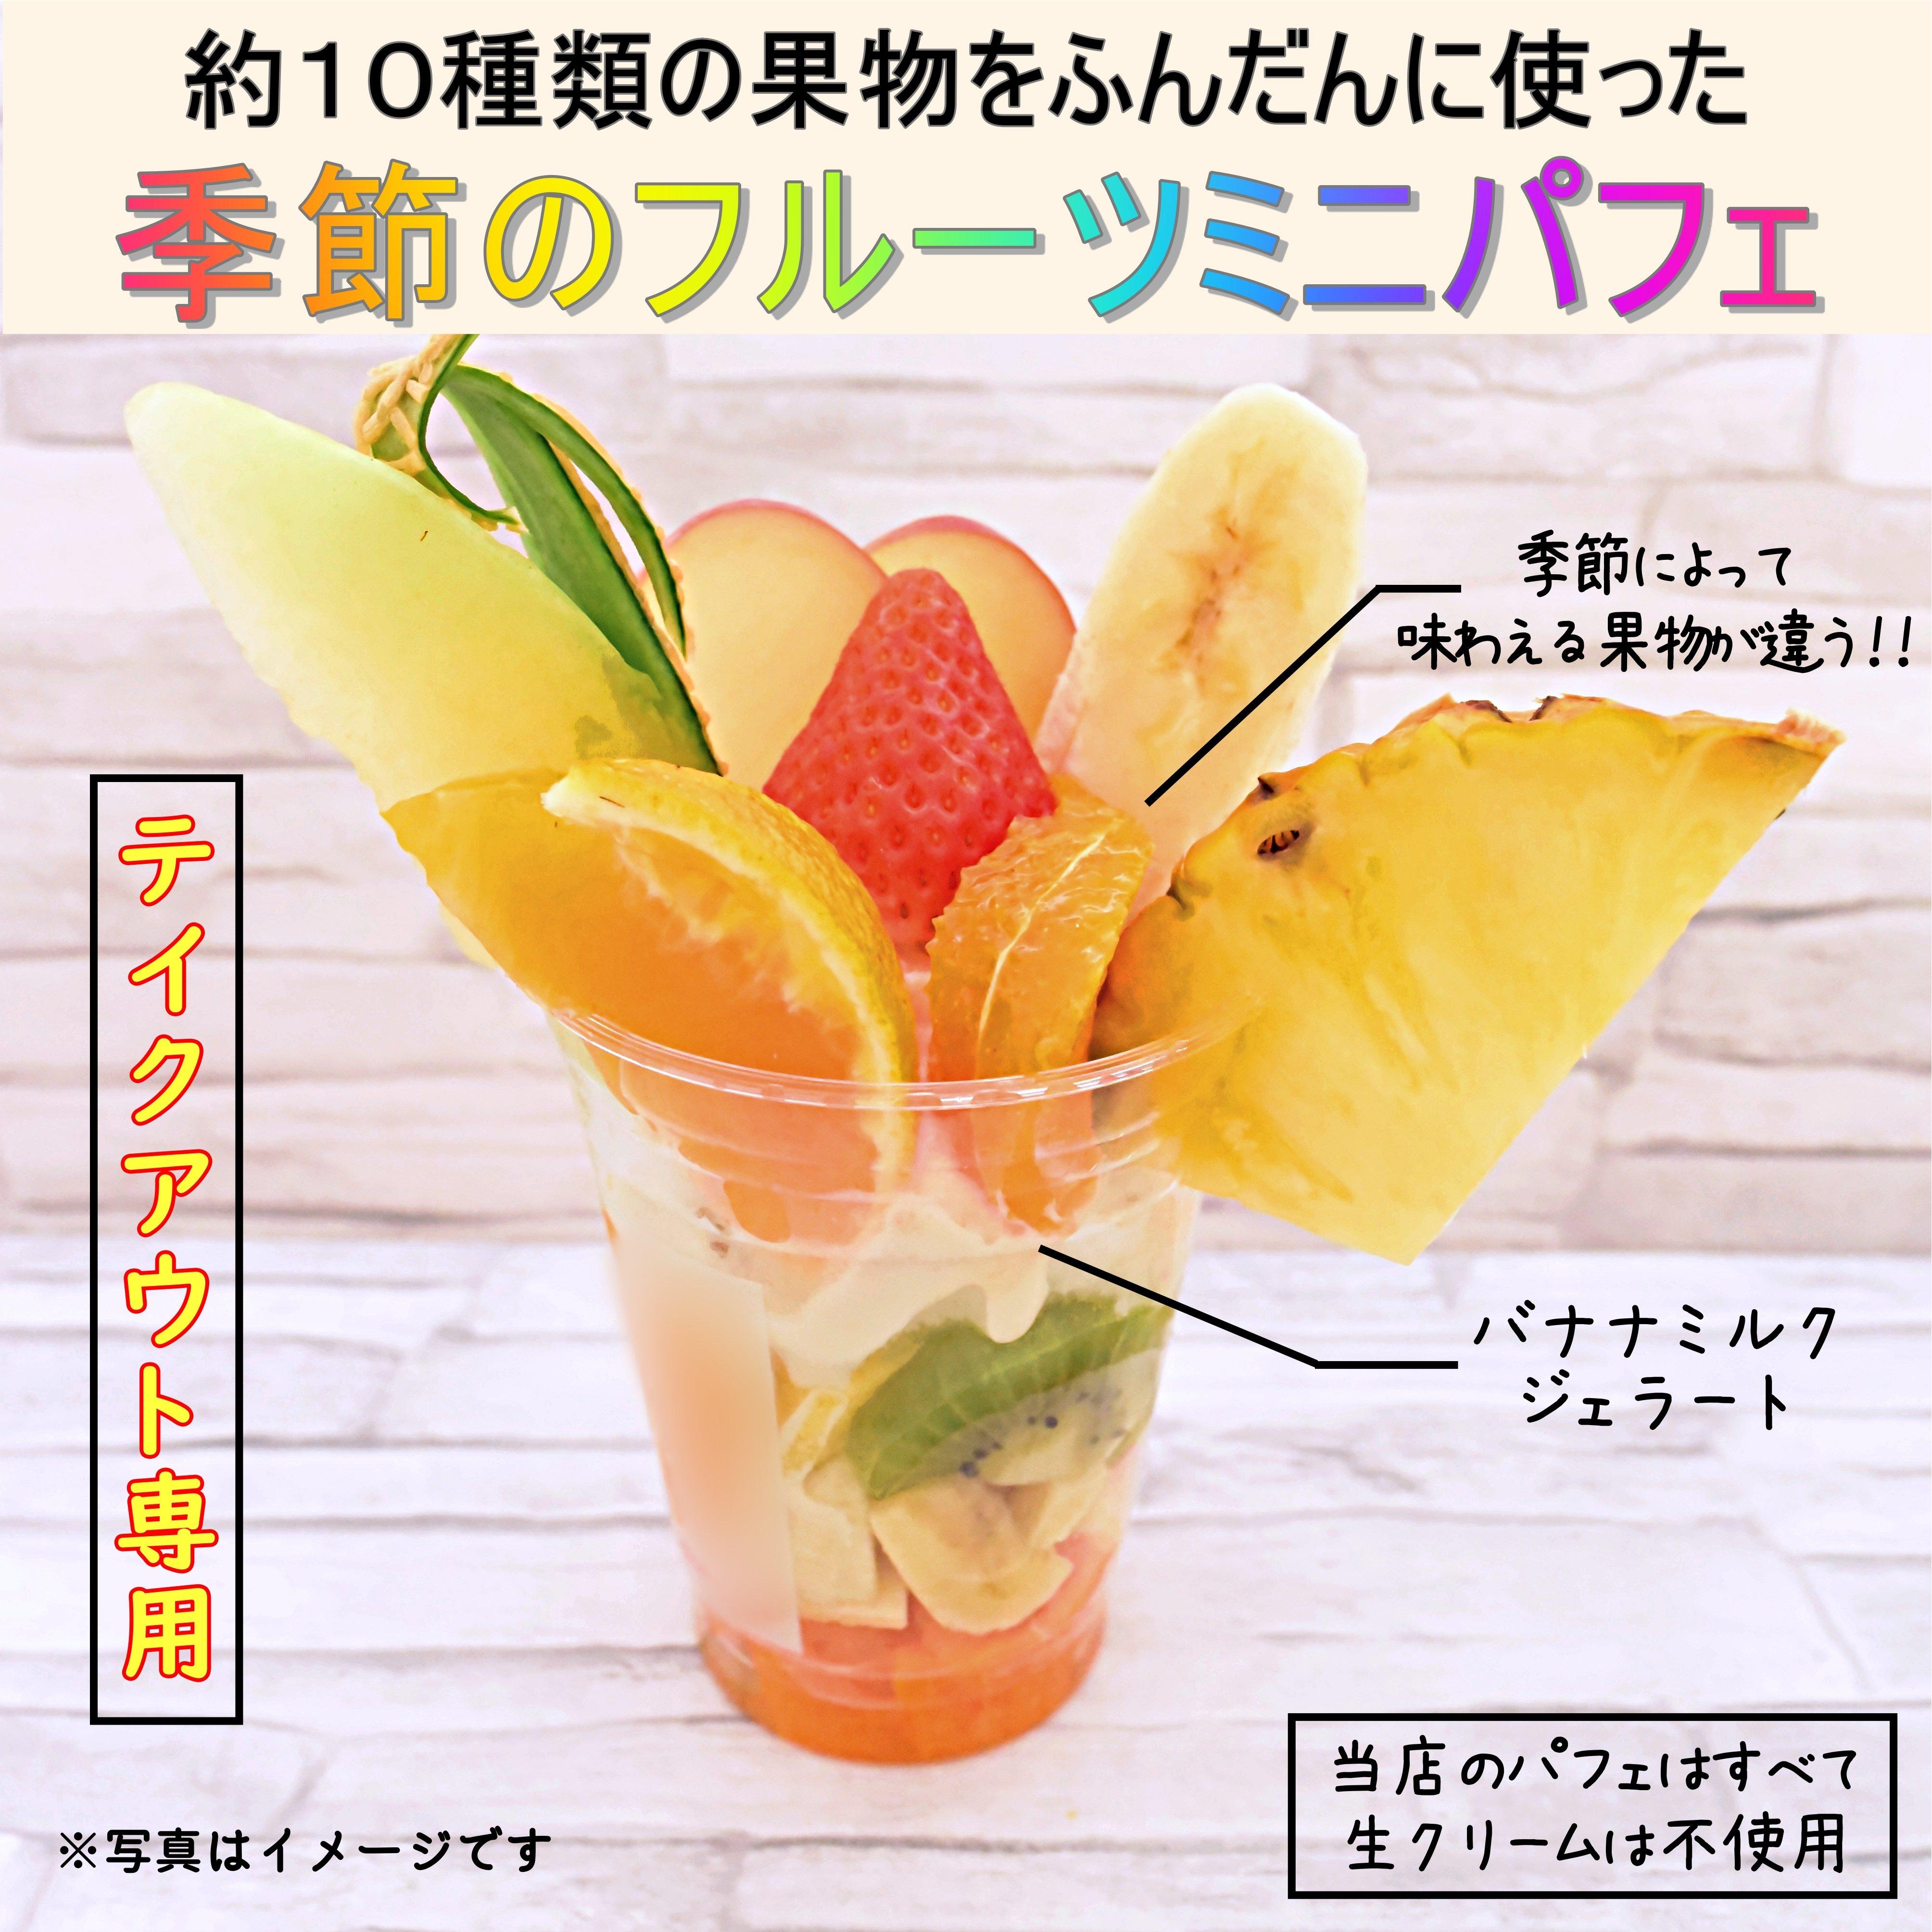 【テイクアウト専用】季節のフルーツミニパフェのイメージその1